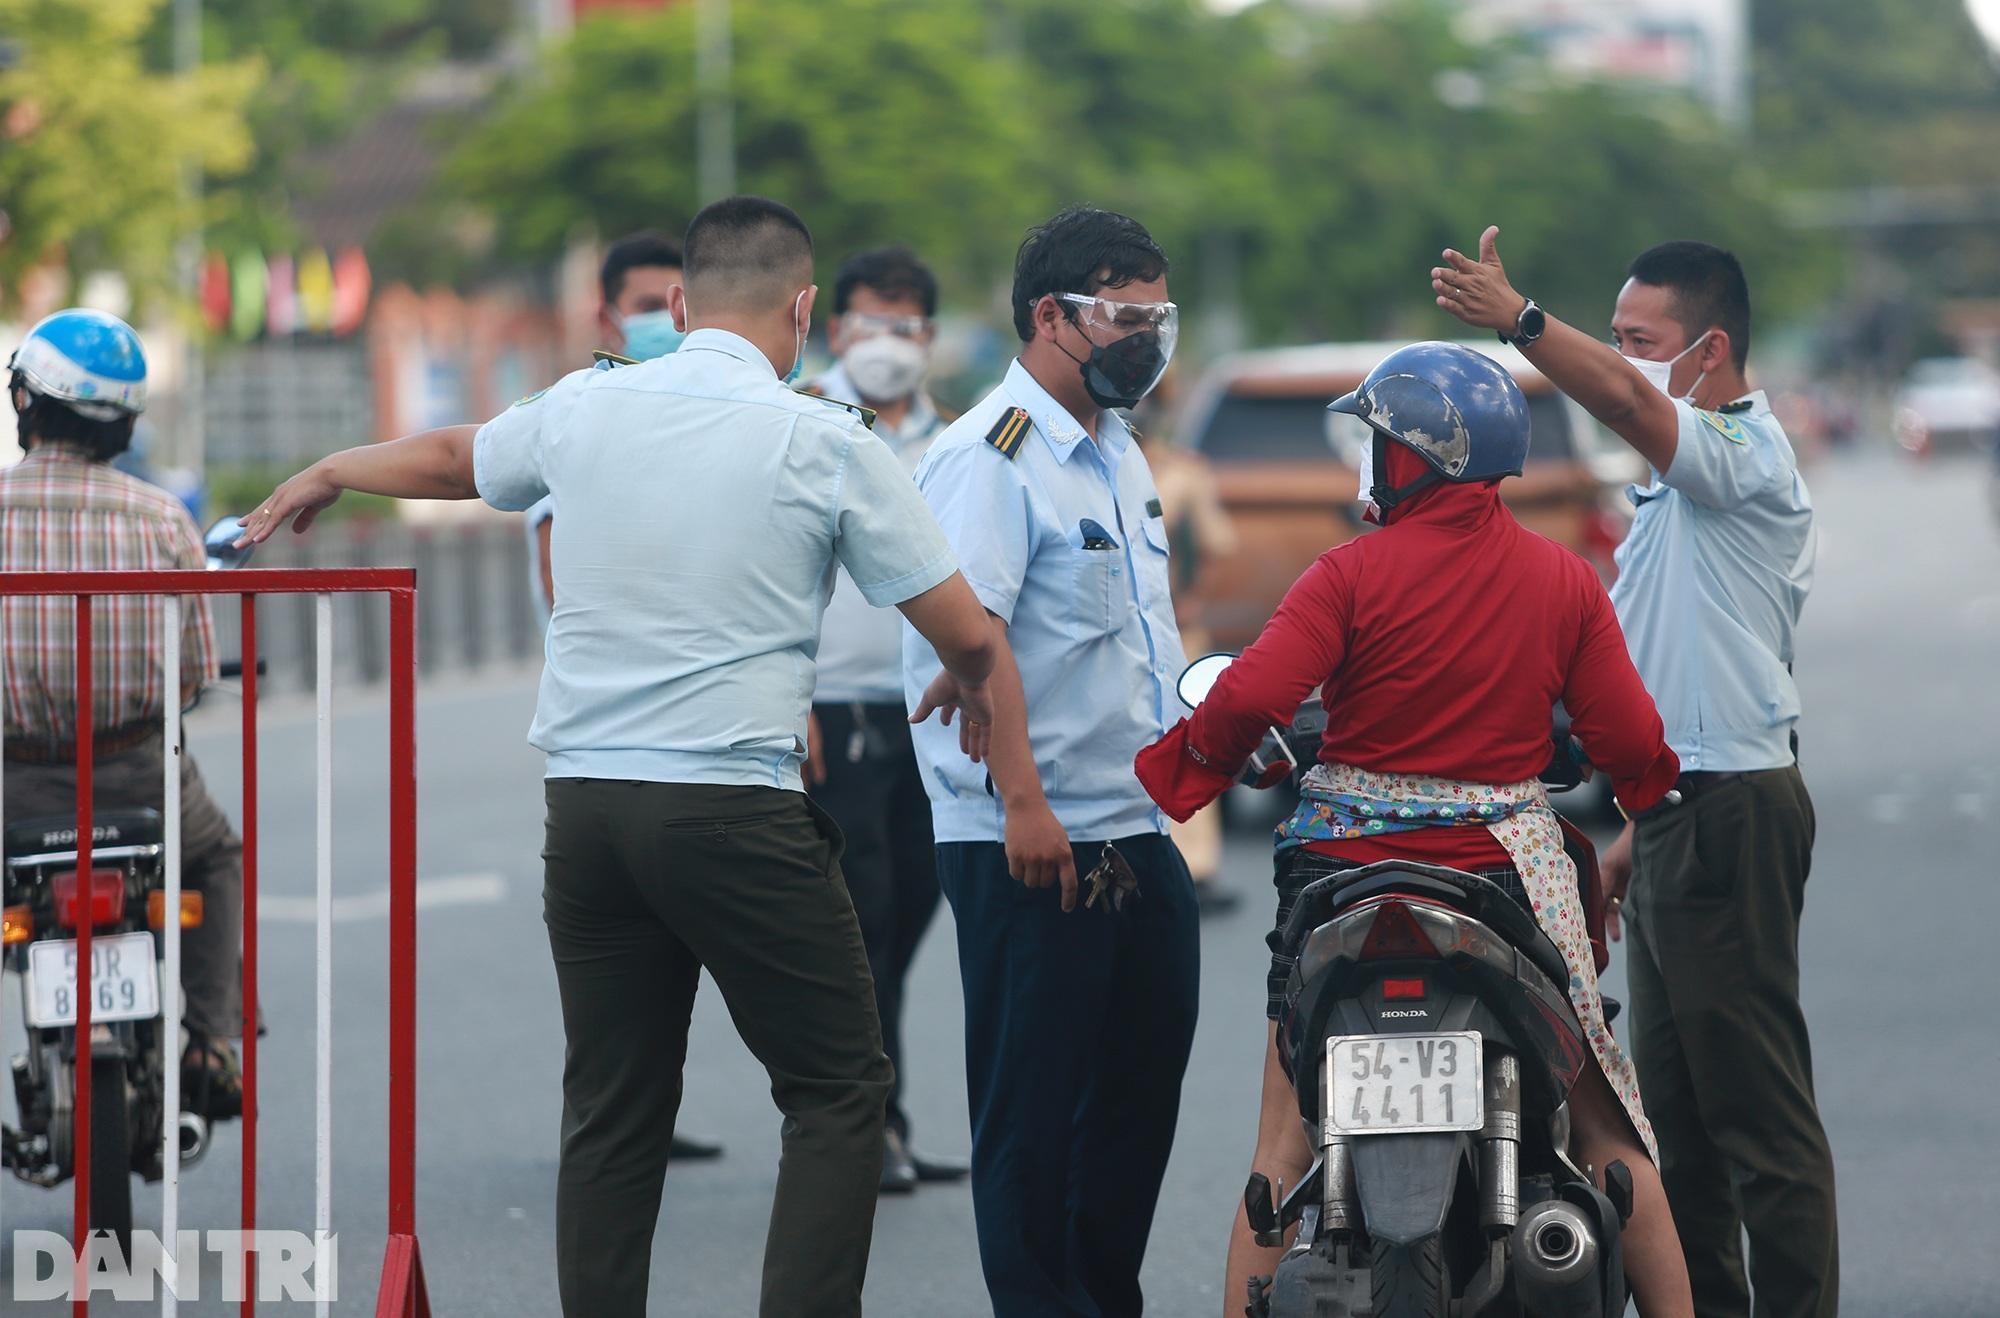 Đạp xe ra đường ở TPHCM với lý do mập mờ không thể xác thực bị phạt 2 triệu - 7